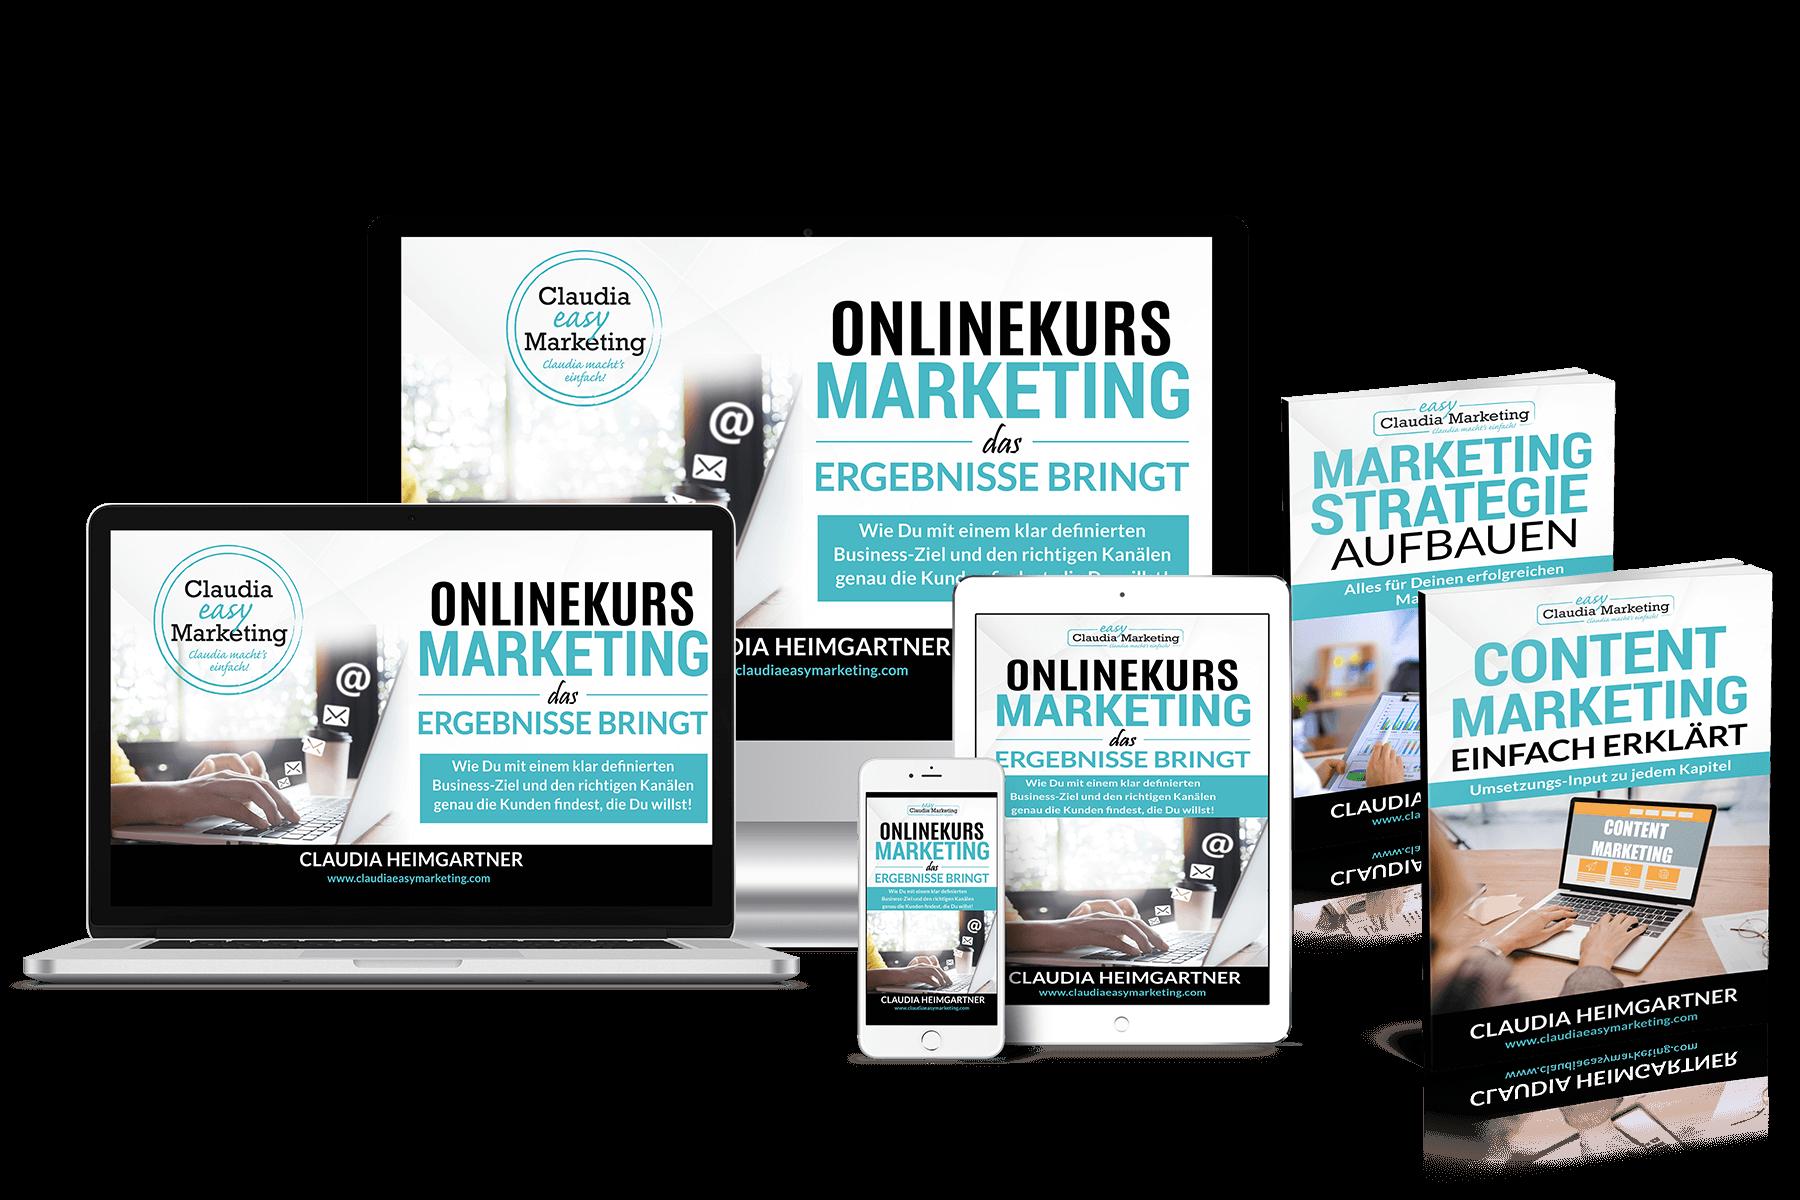 Onlinekurs Marketing das Ergebnisse bringt